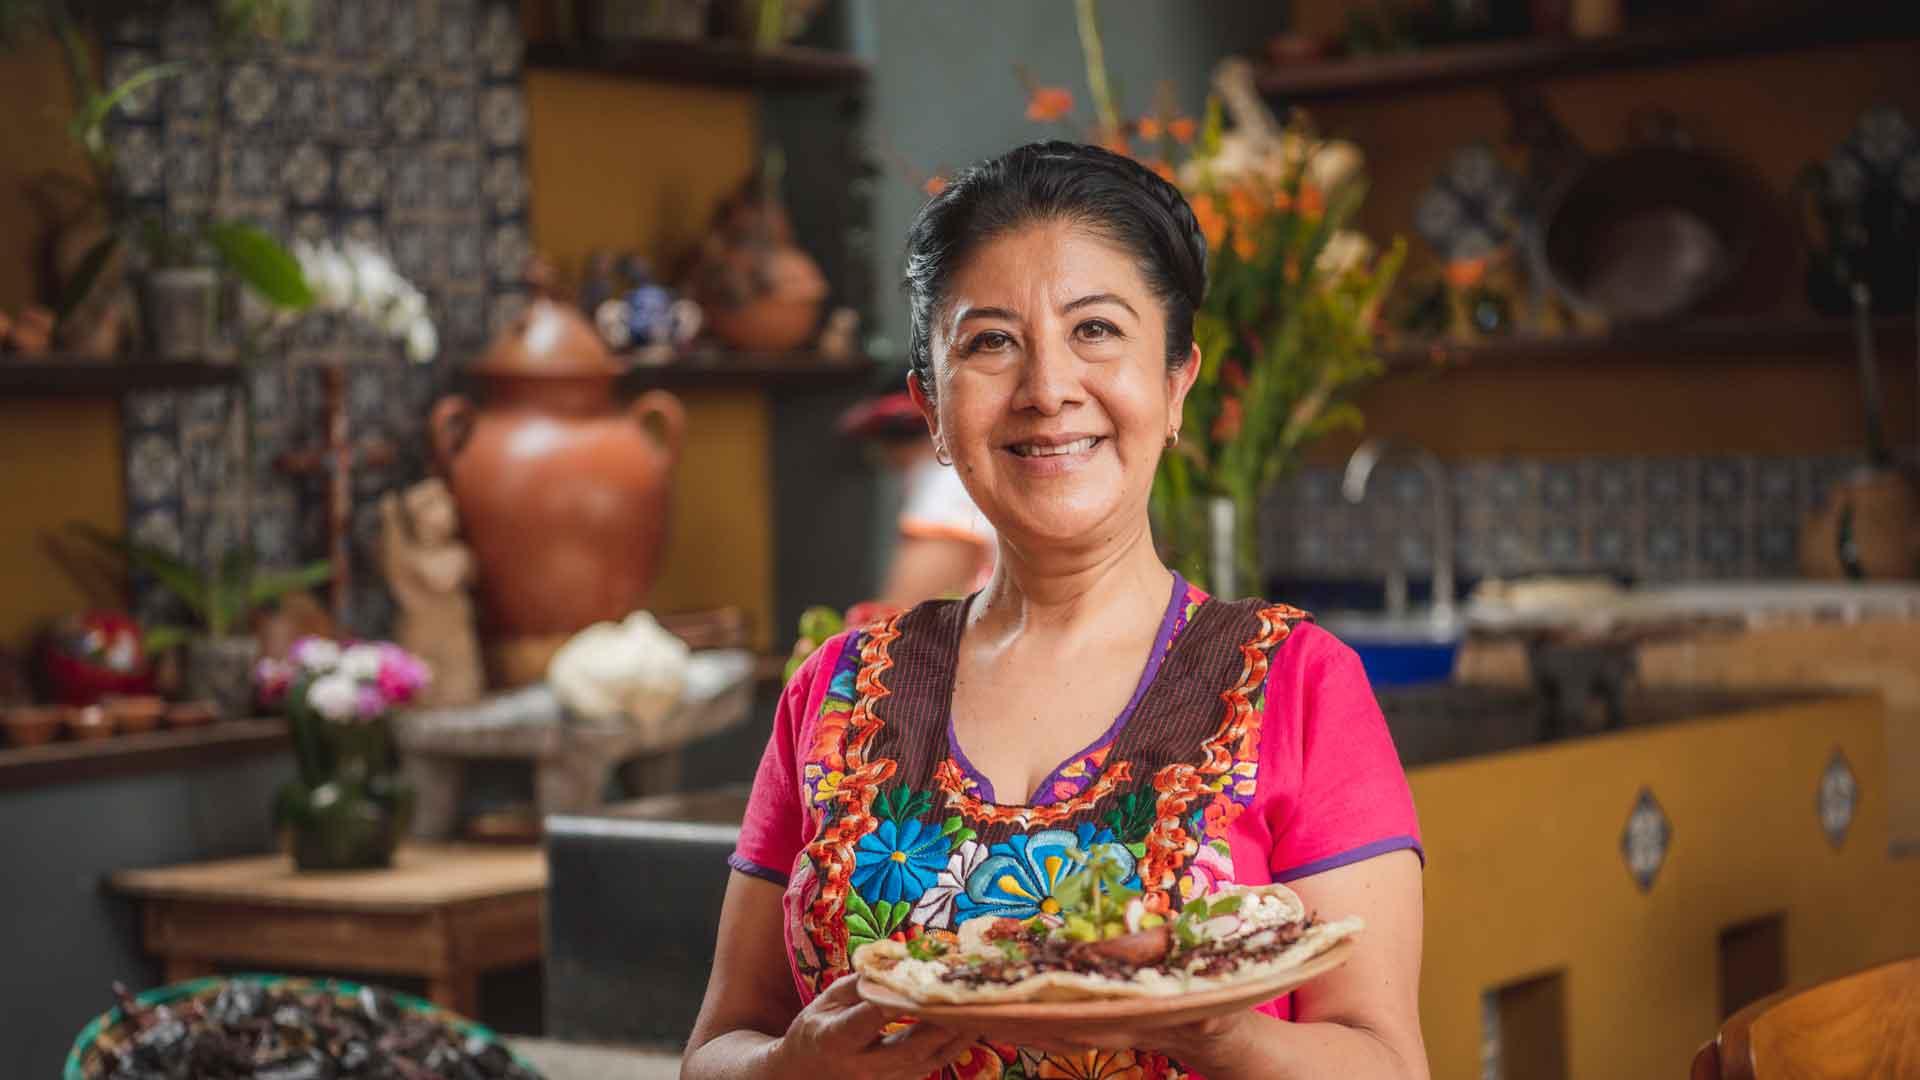 10 secretos del restaurante Las Quince Letras, revelados por Celia Florián